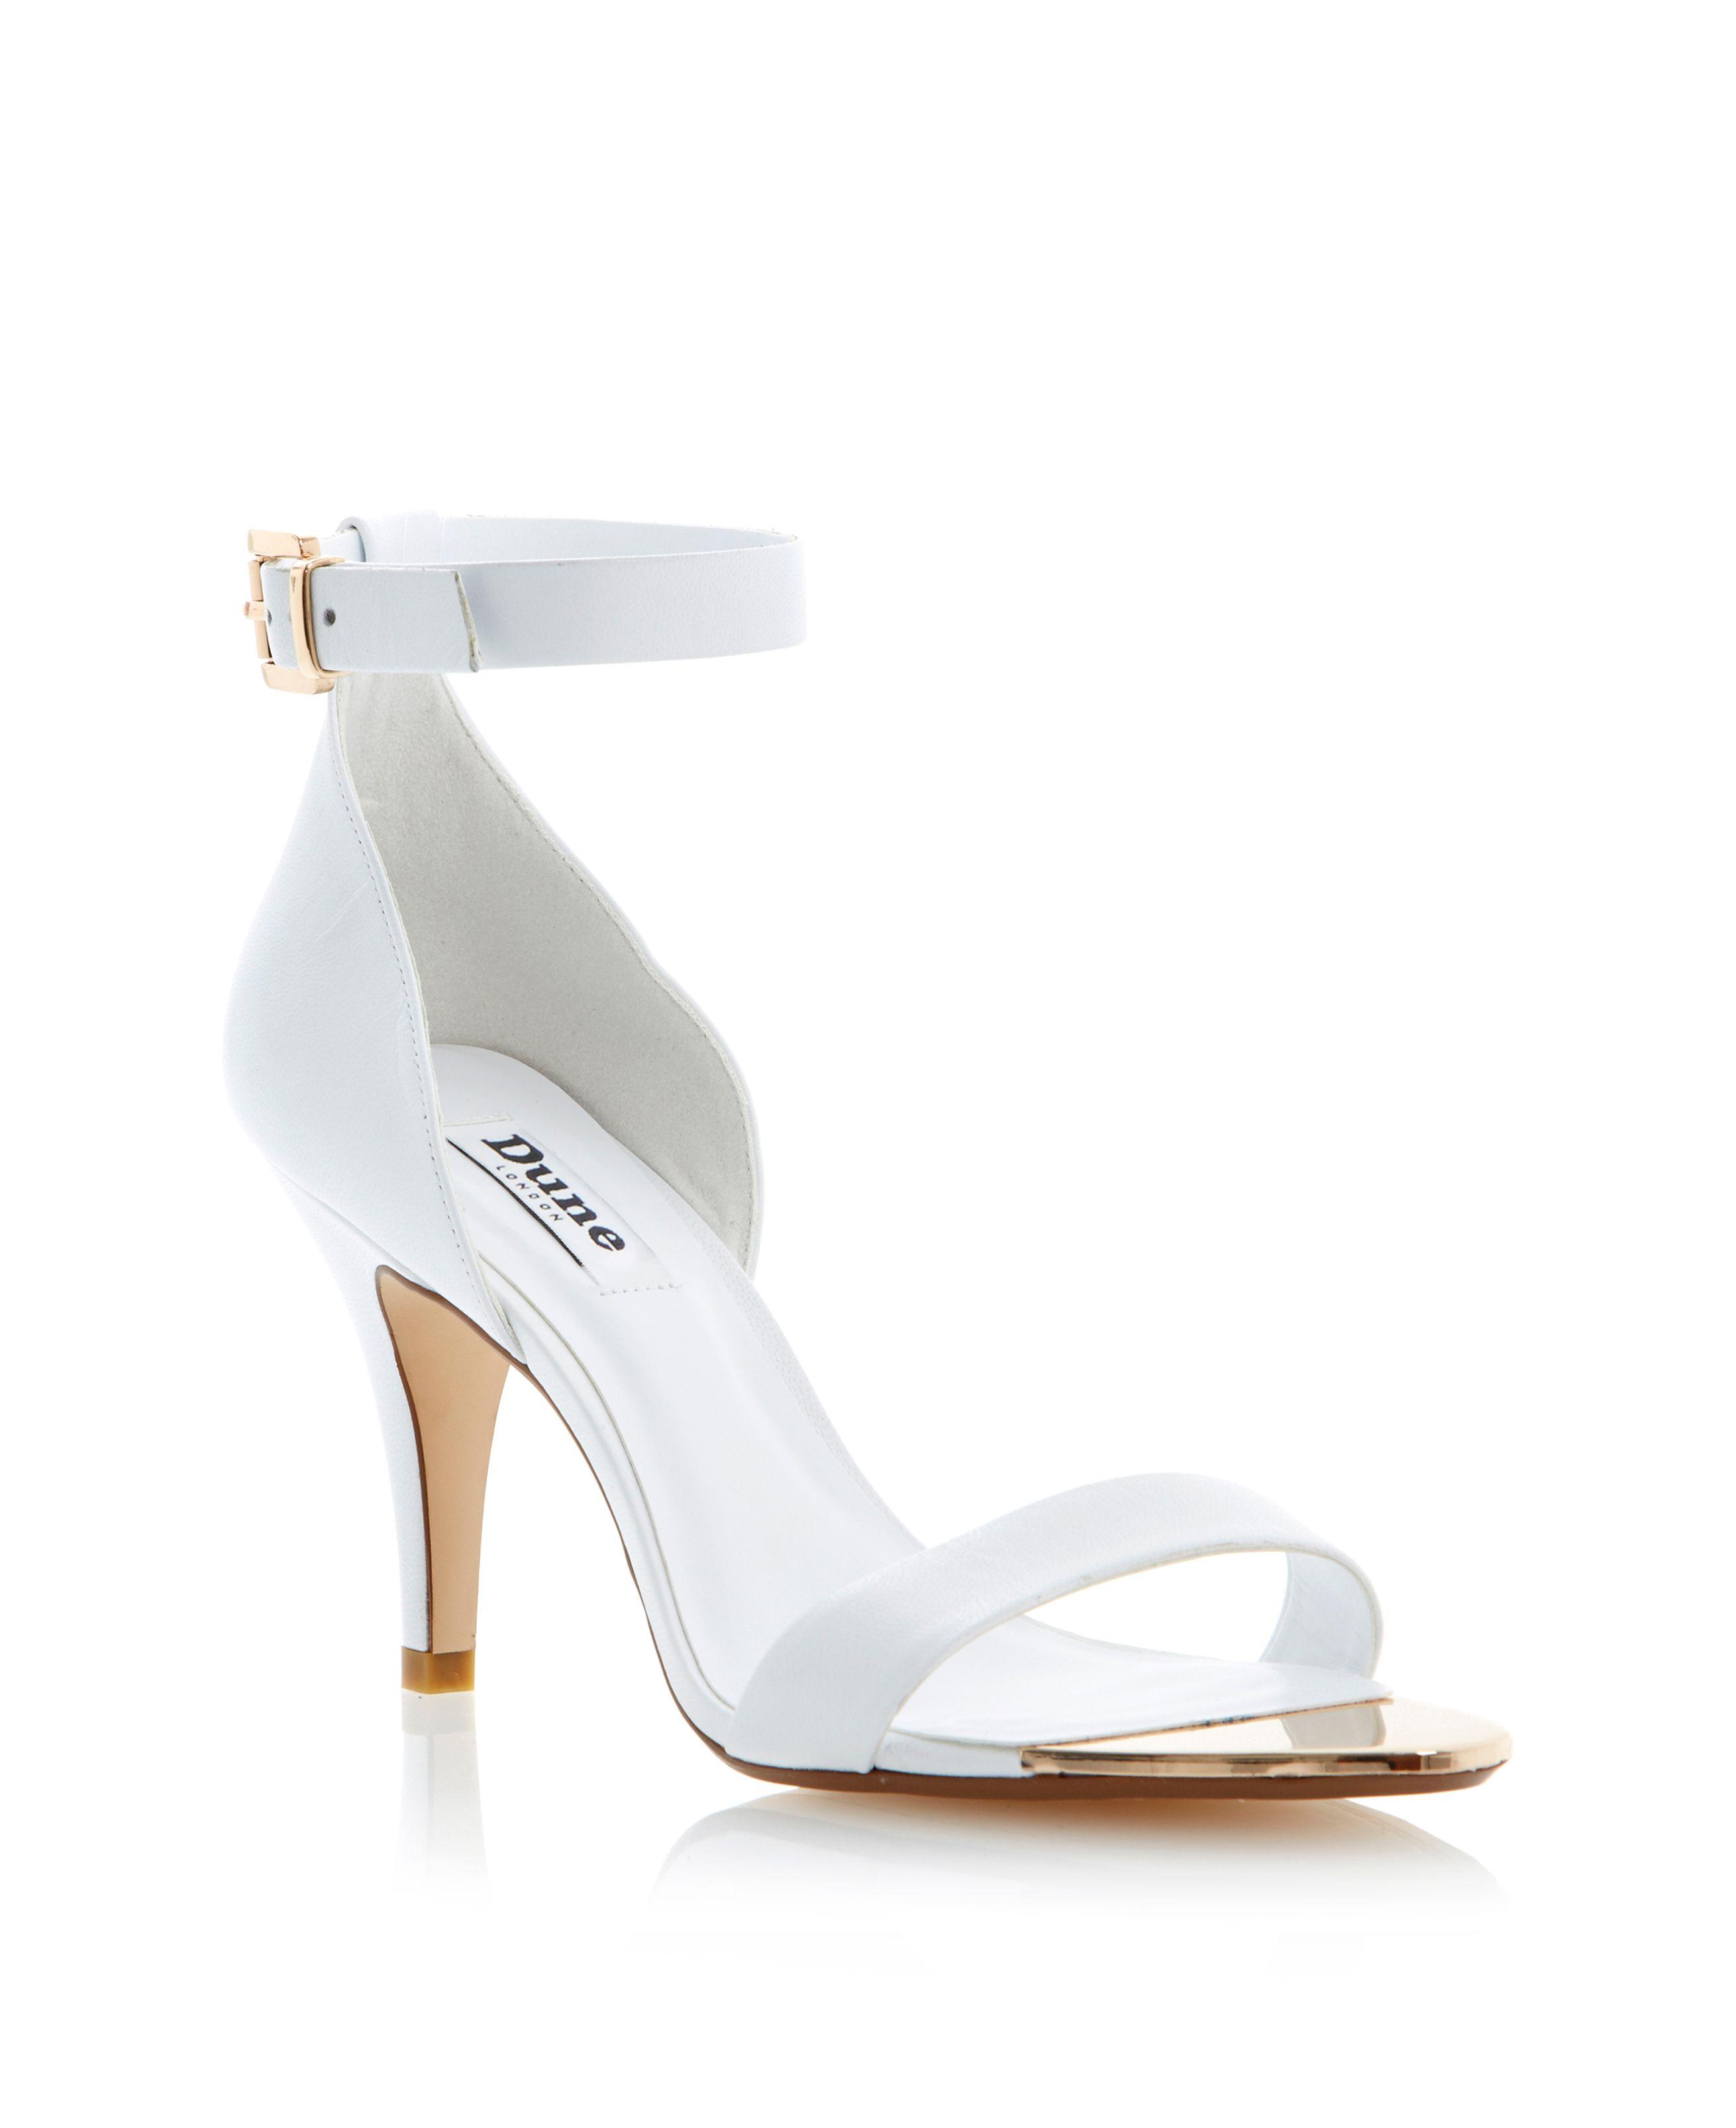 White Sandal Heels - Is Heel